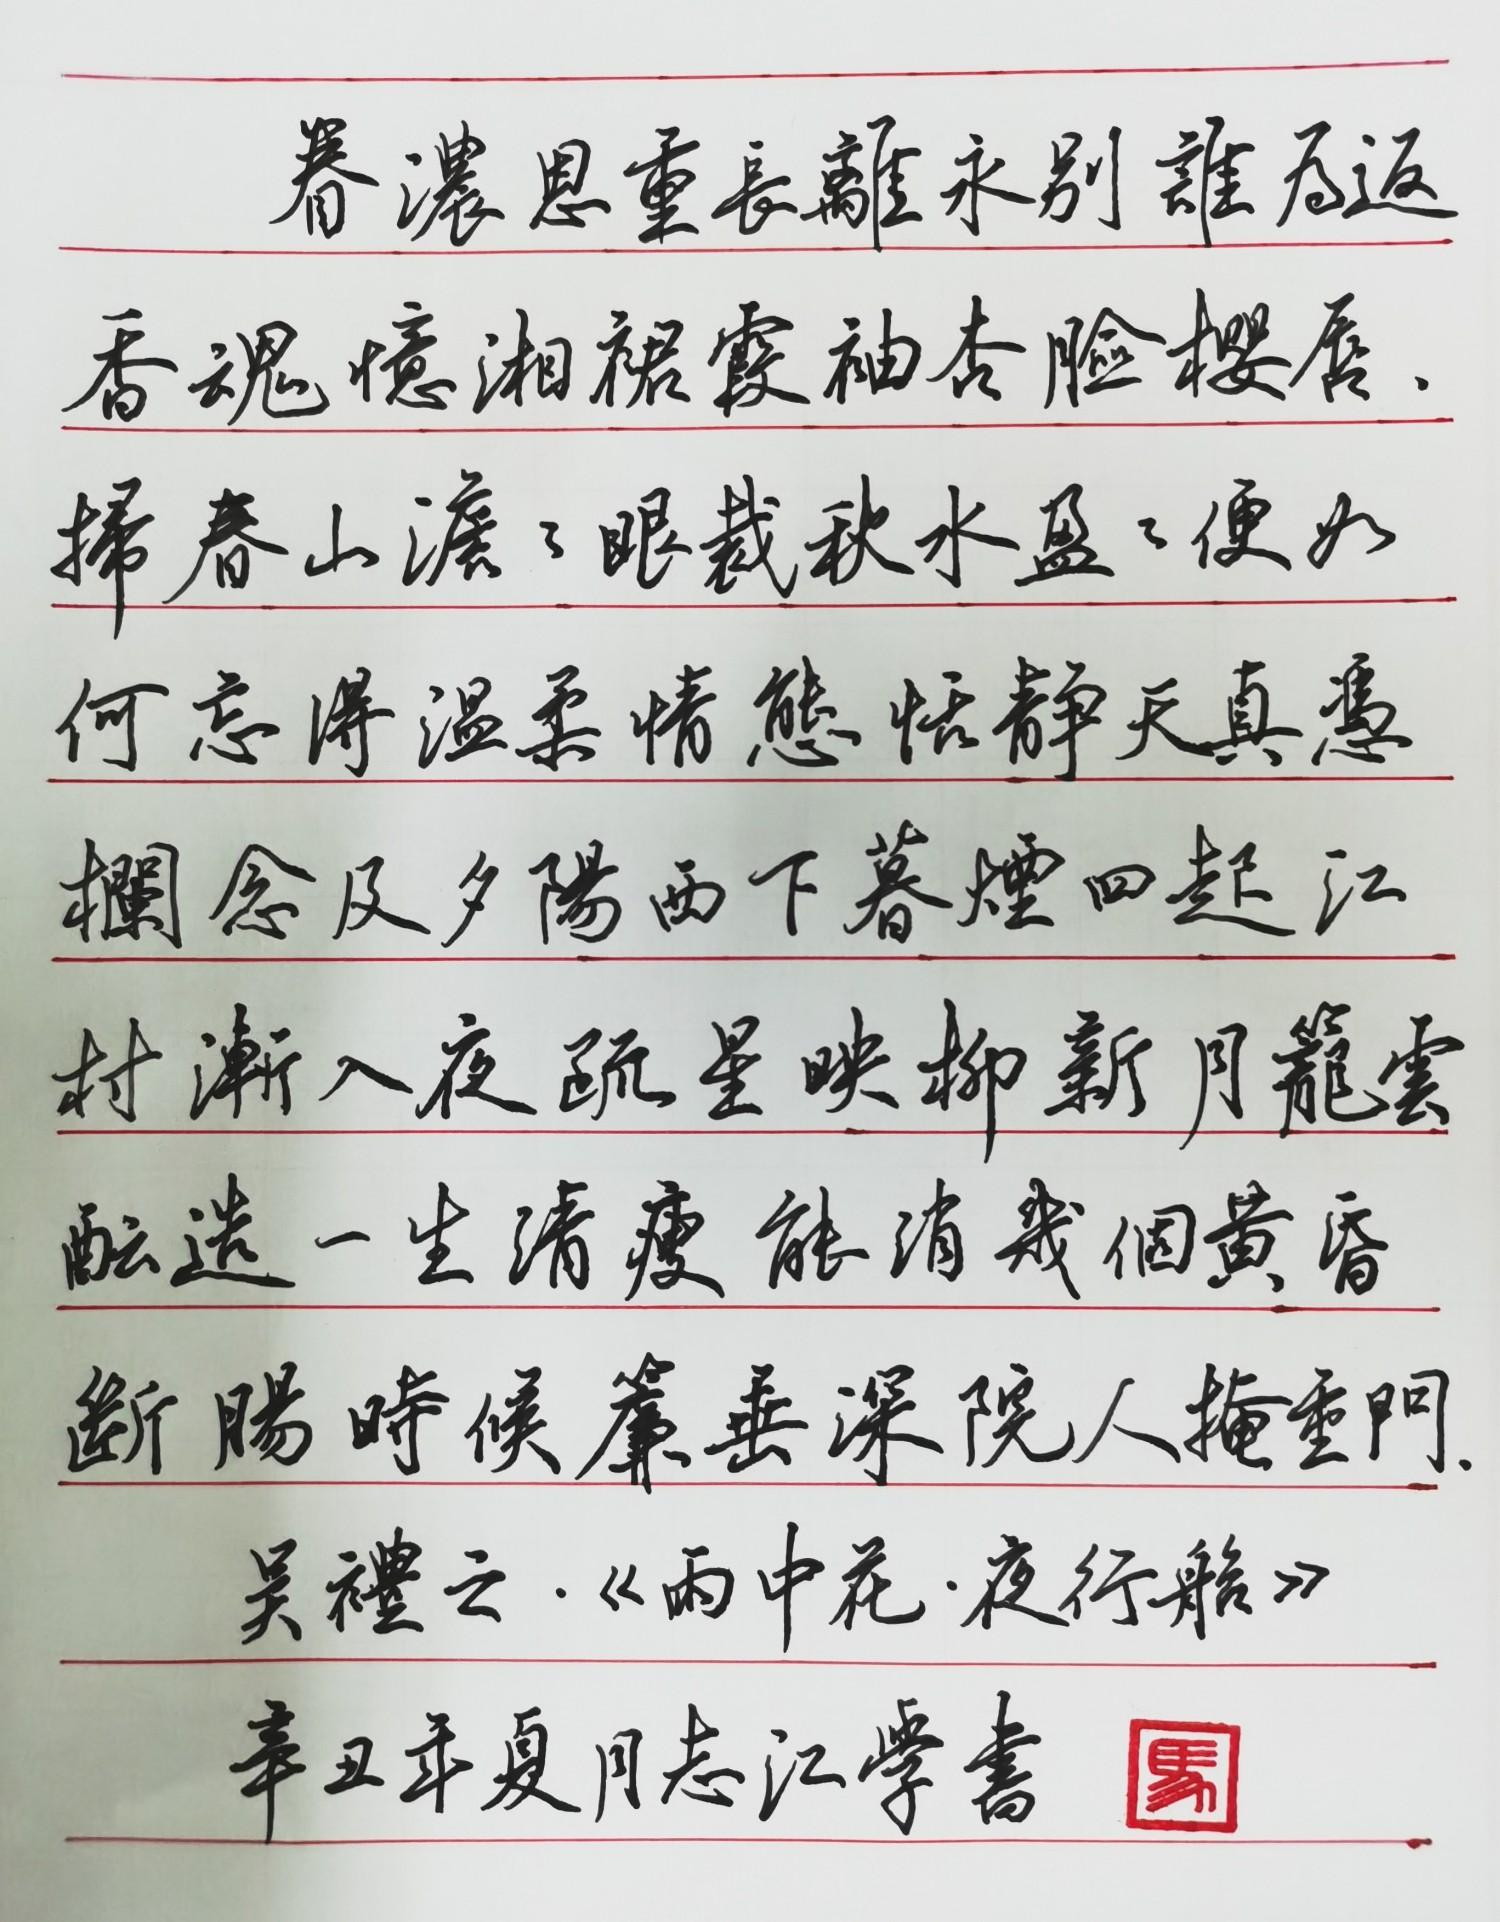 钢笔书法练字打卡20210518-20